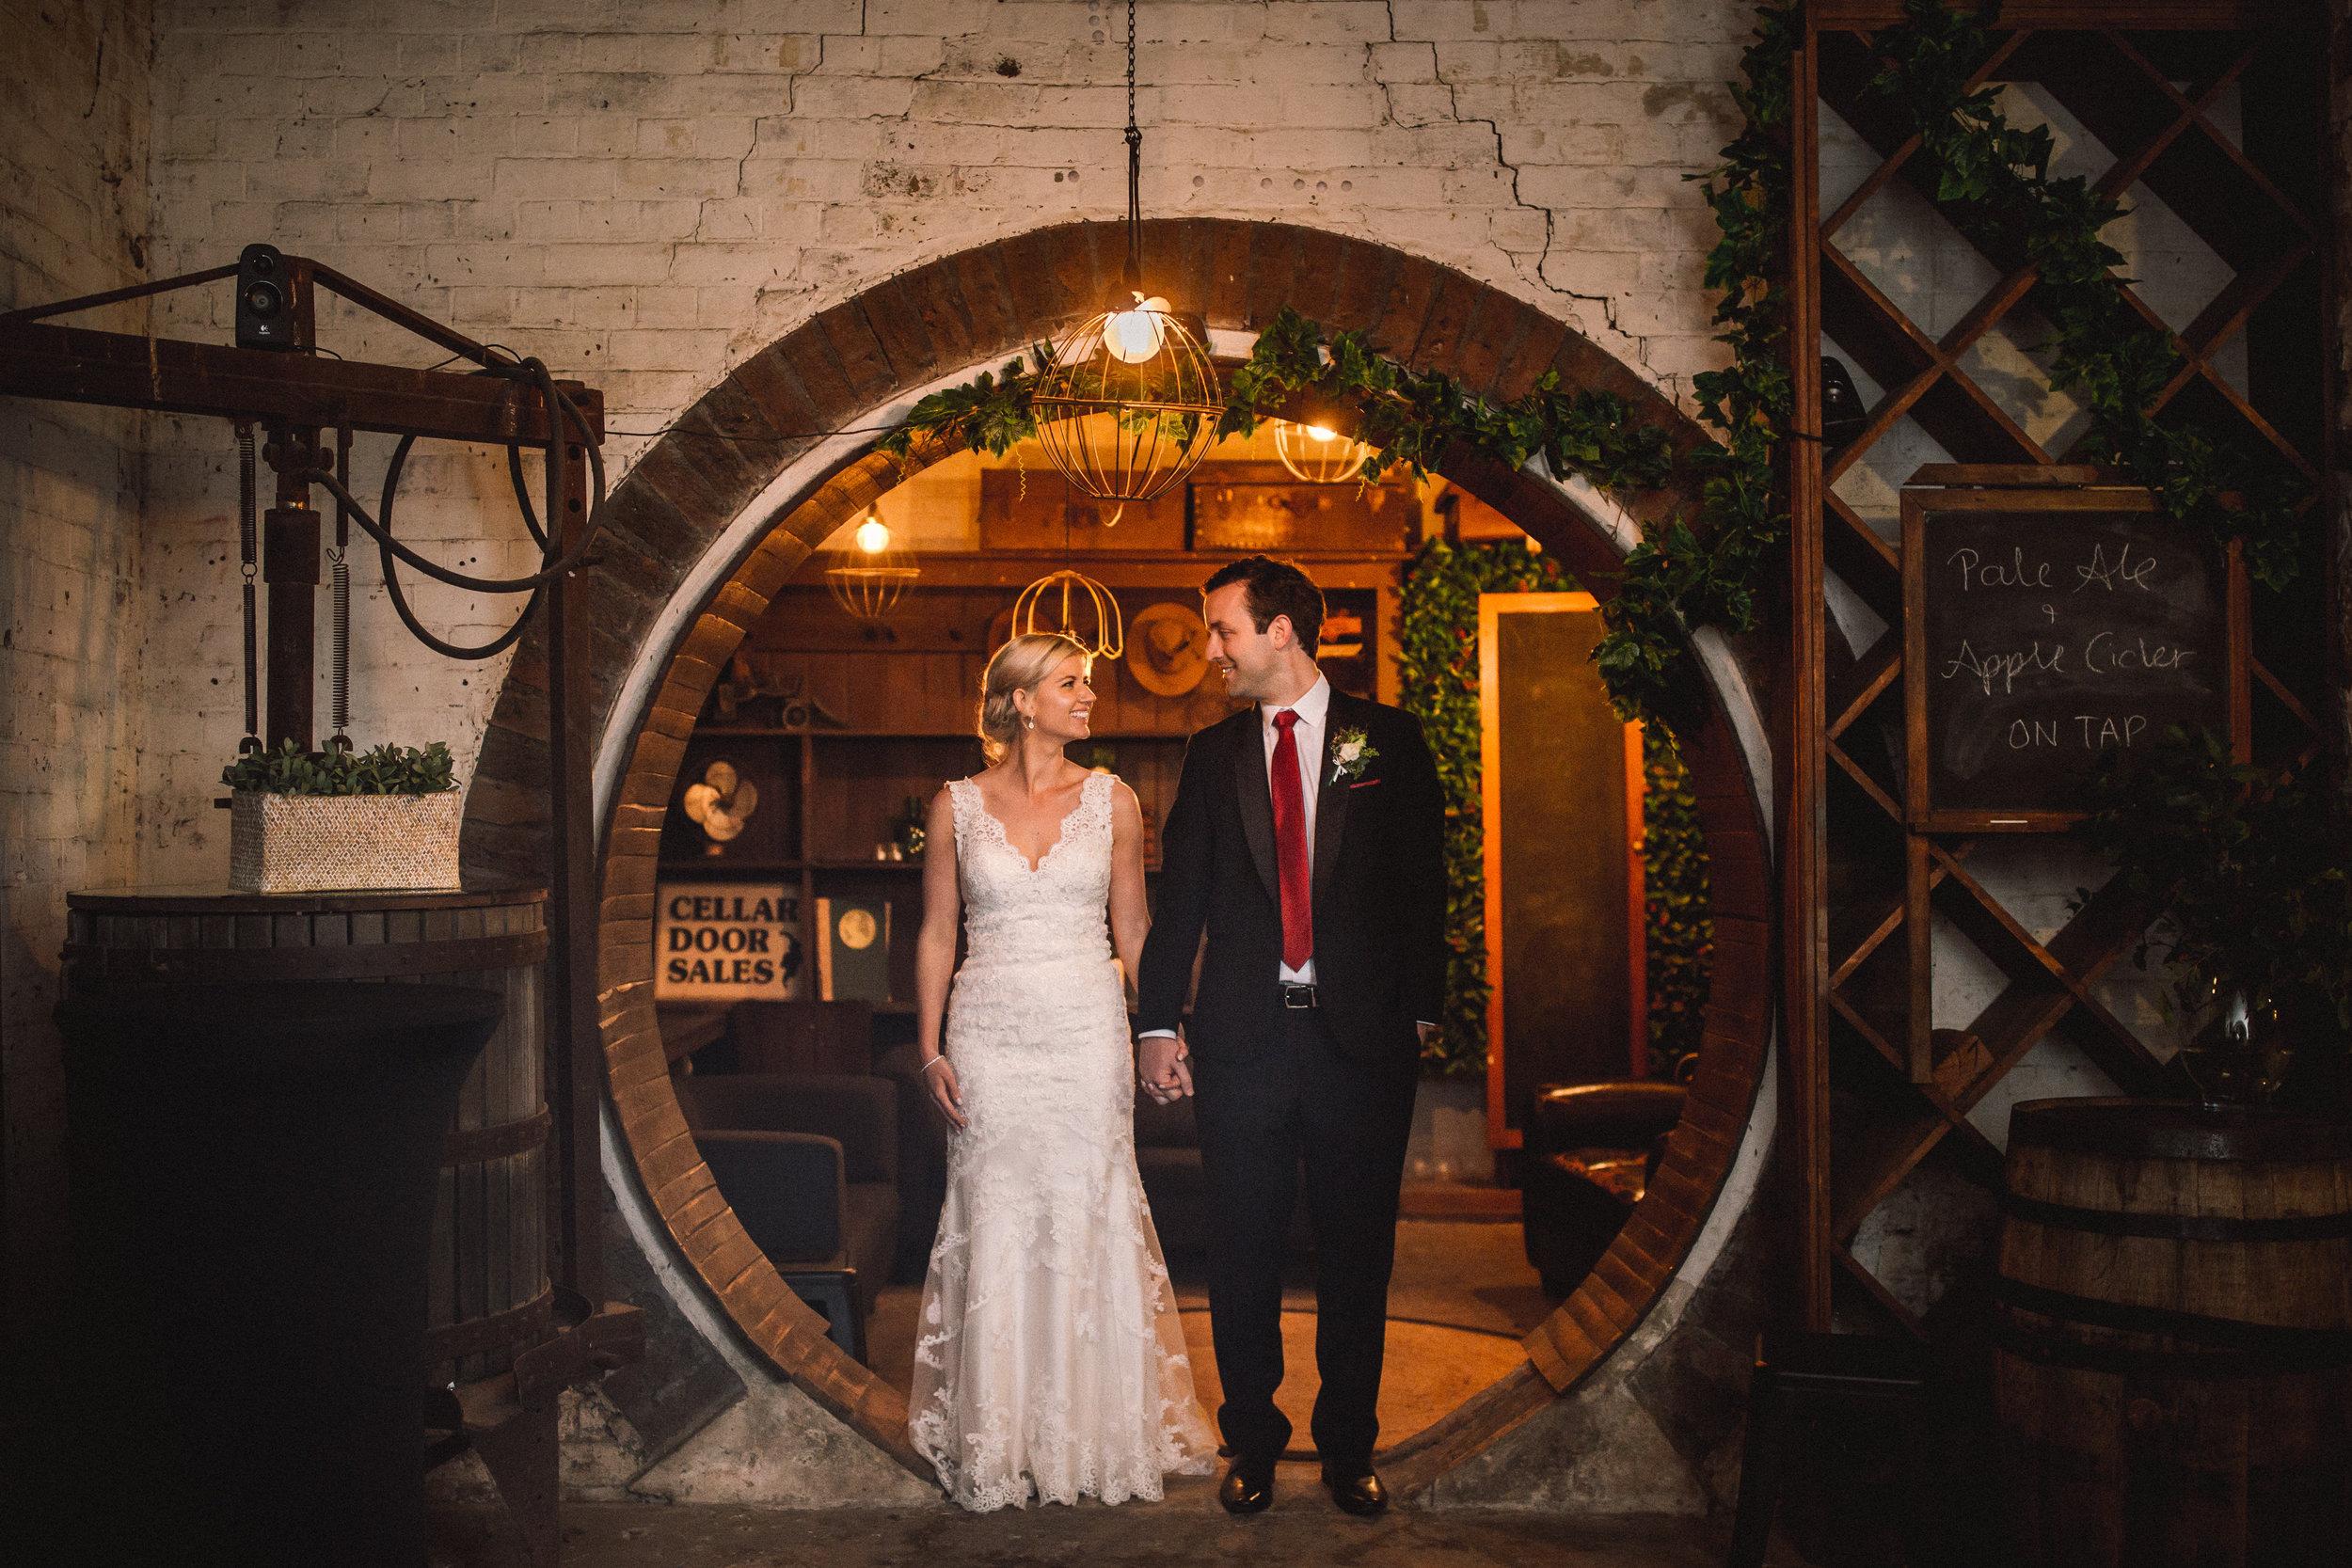 Luke-&-Michelle-Gledswood-Camden-Country-Wedding.jpg